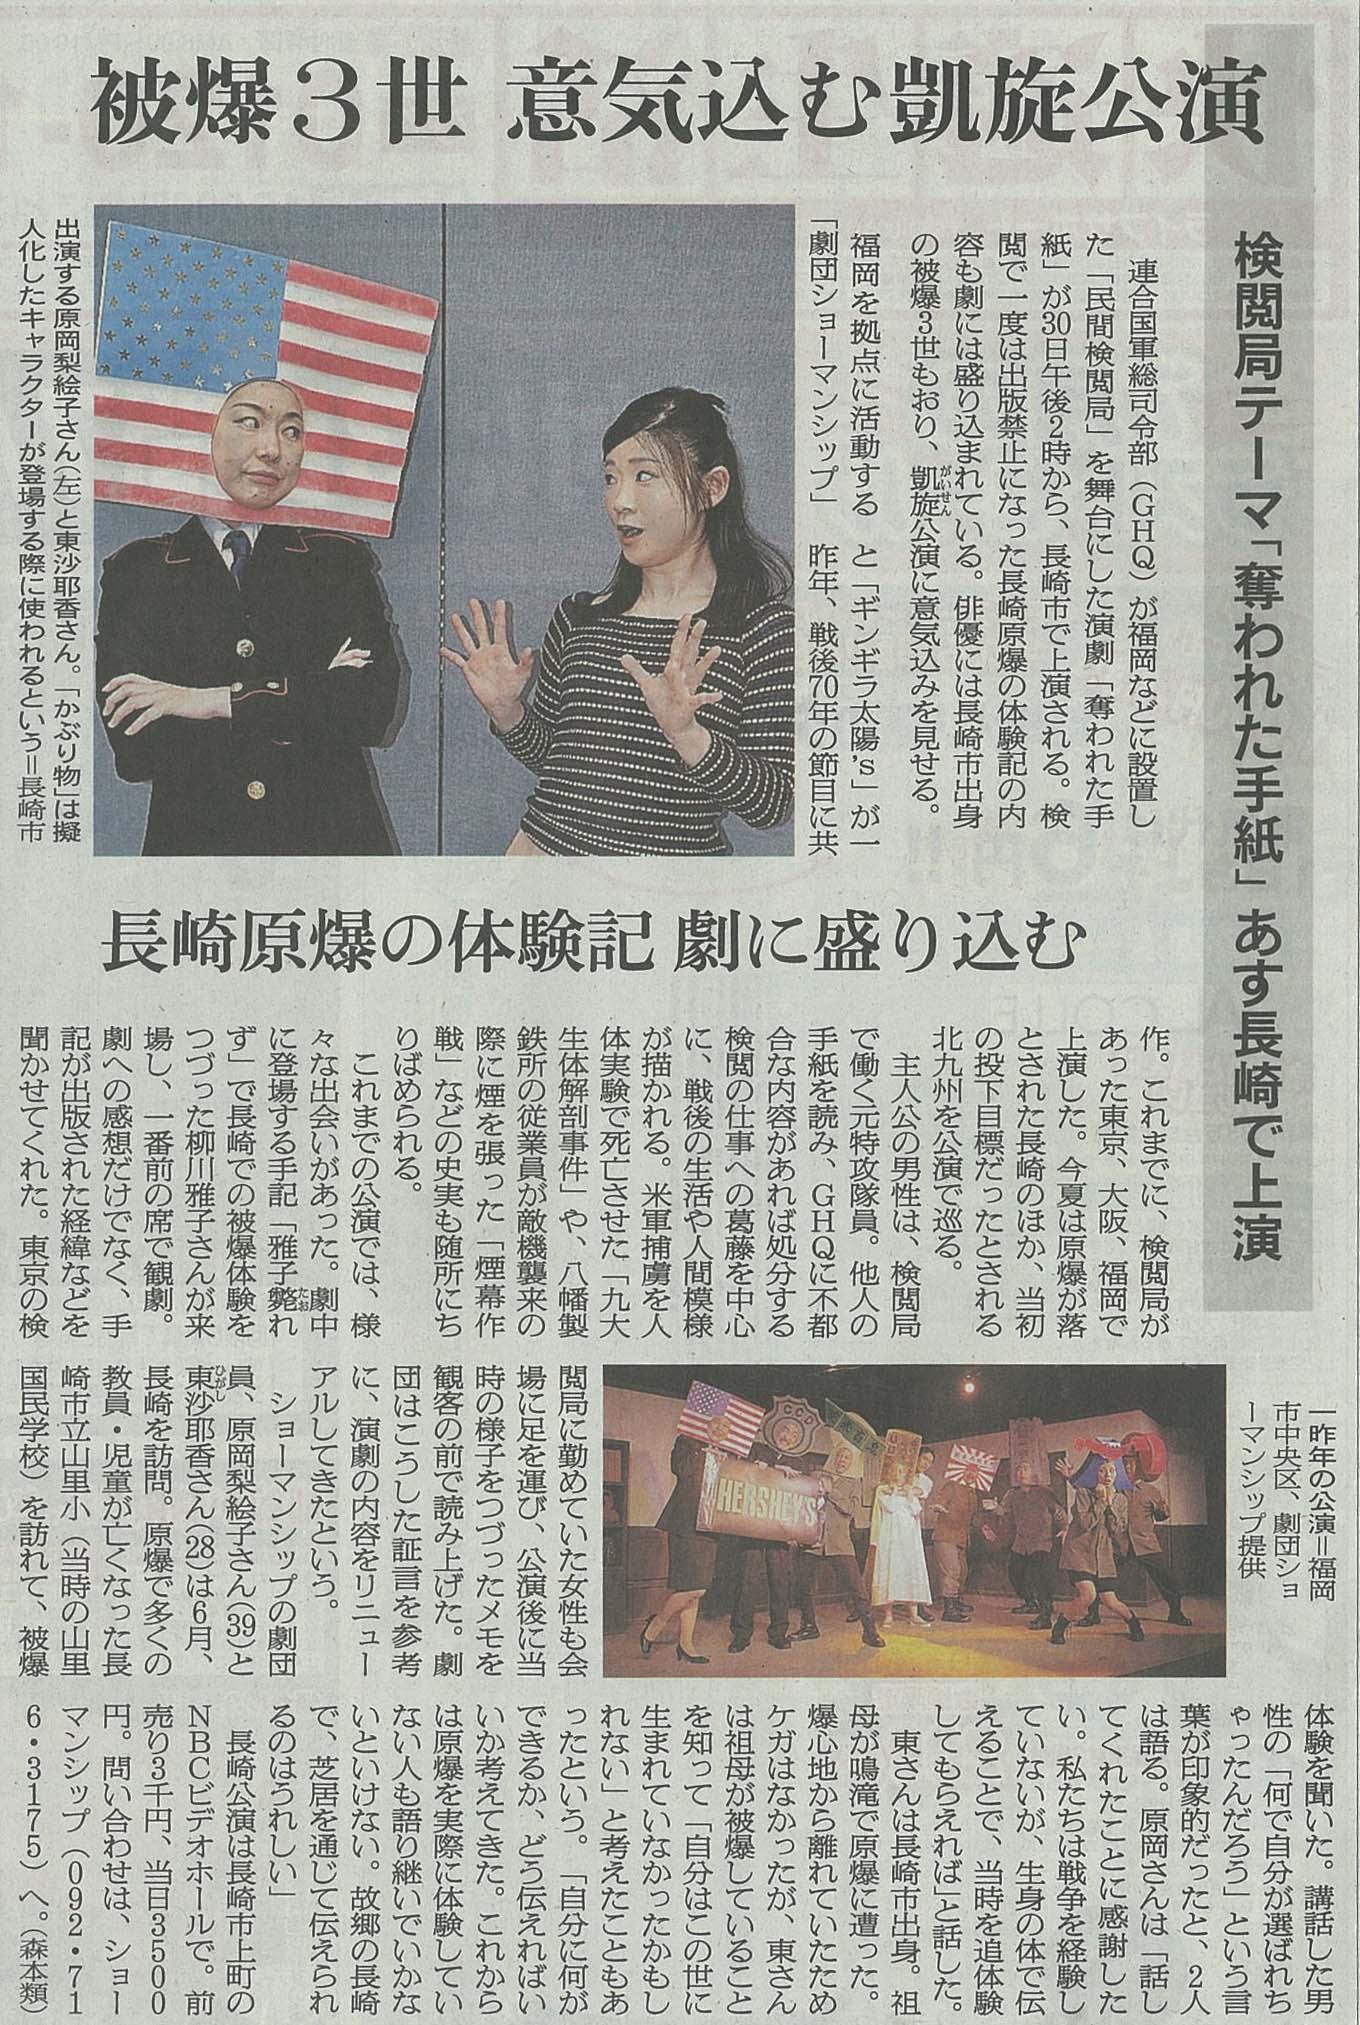 2017年7月29日(土)朝日新聞-長崎-